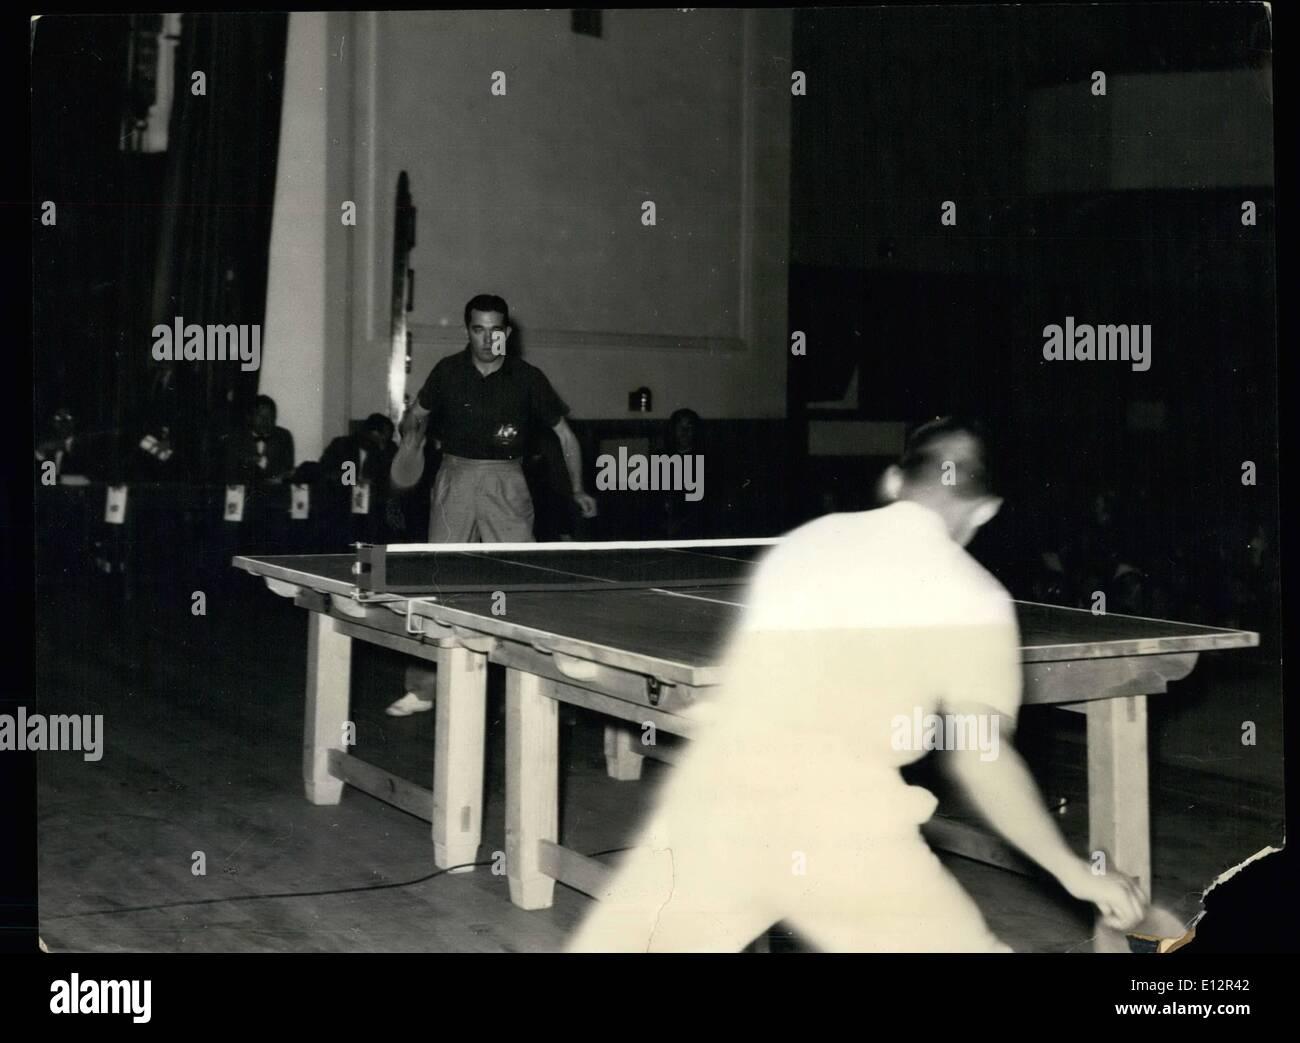 Febbraio 24, 2012 - Pan-Pacific ping pong torneo: Kenneth Adamson dell Australia giocando contro Tadaaki Hayashi. È stato un uniformemente gioco confrontate con i risultati finali, 21-17, 18-21, 22-20 e 21-14 in Hayashi il favore. Immagini Stock